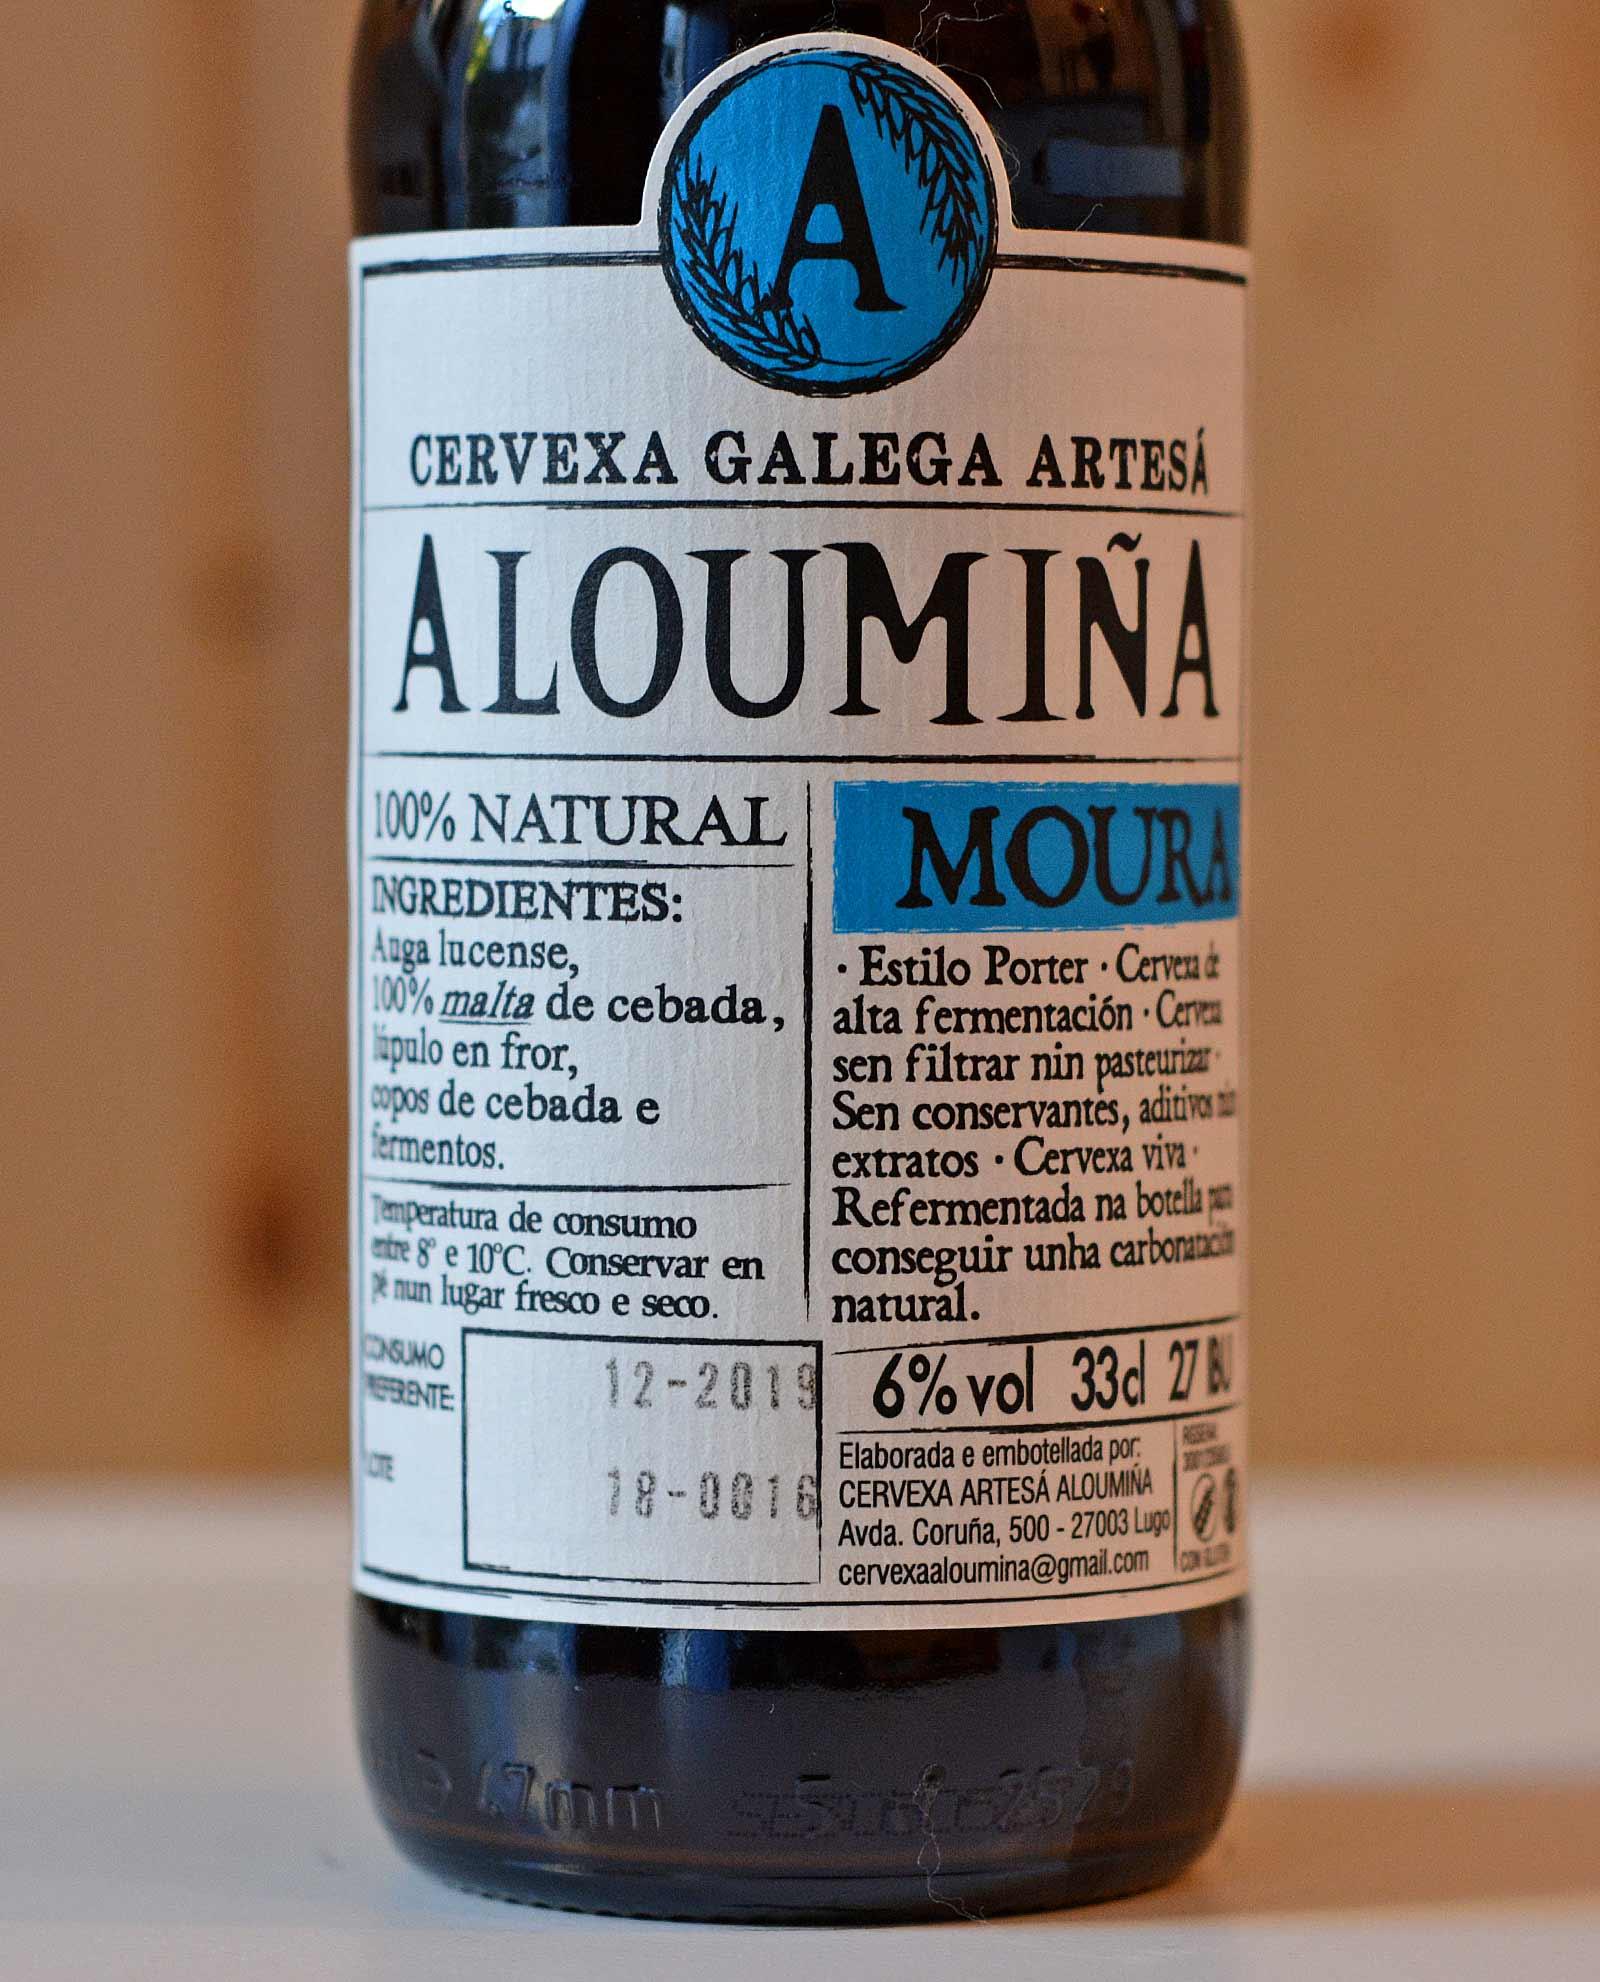 aloumina-cerveza-artesana-craft-beer-lugo-galicia-moura-porter-001e